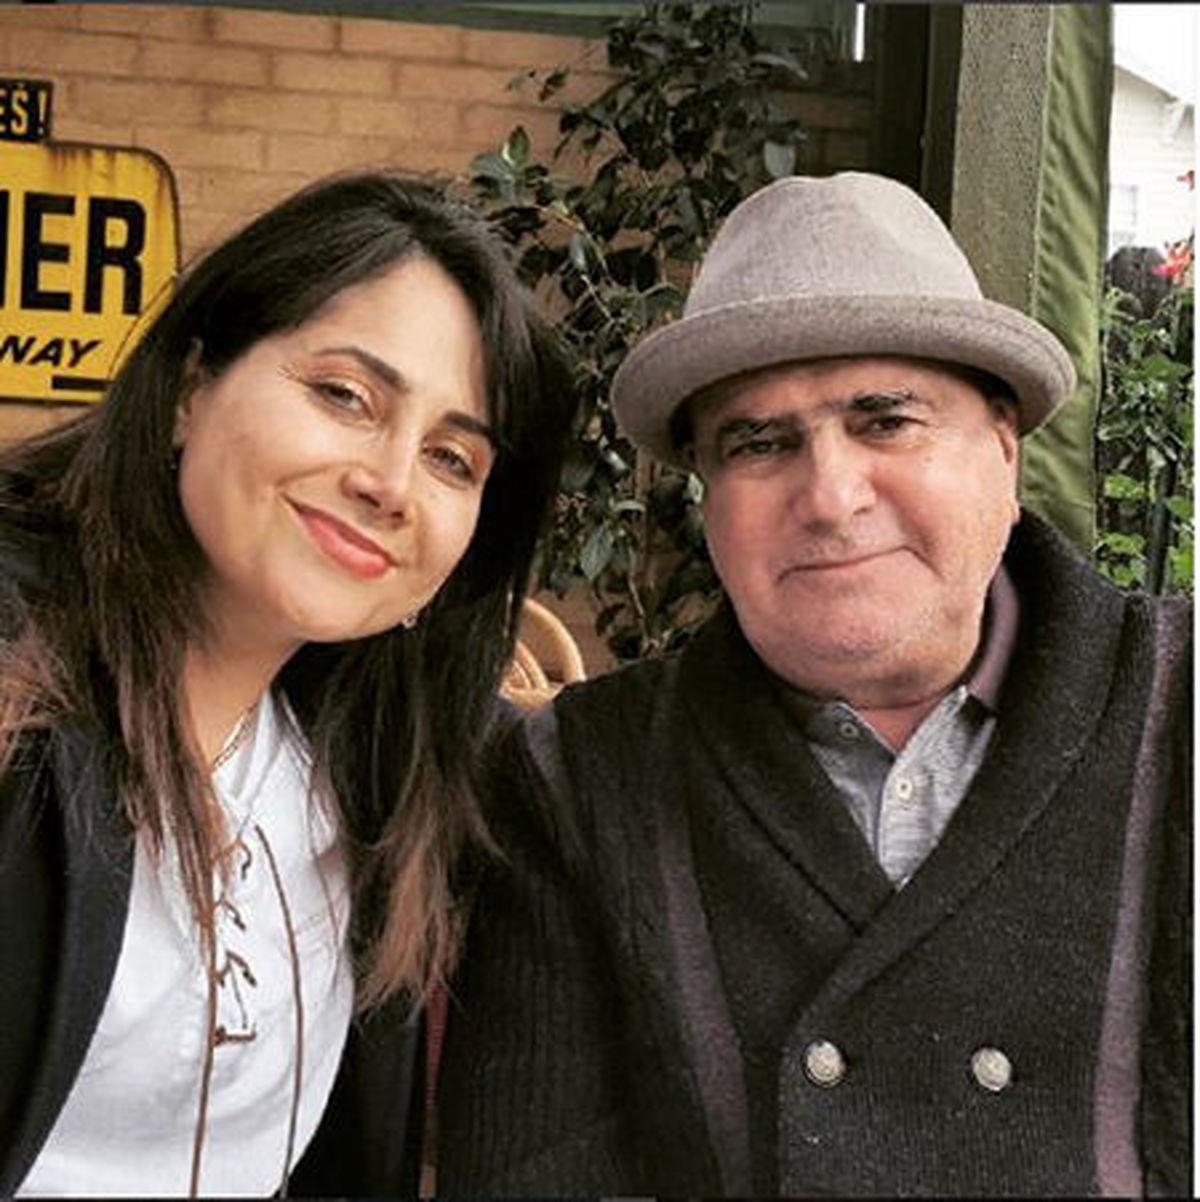 واکنش مژگان شجریان دختر محمدرضا شجریان به درگذشت پدر + عکس